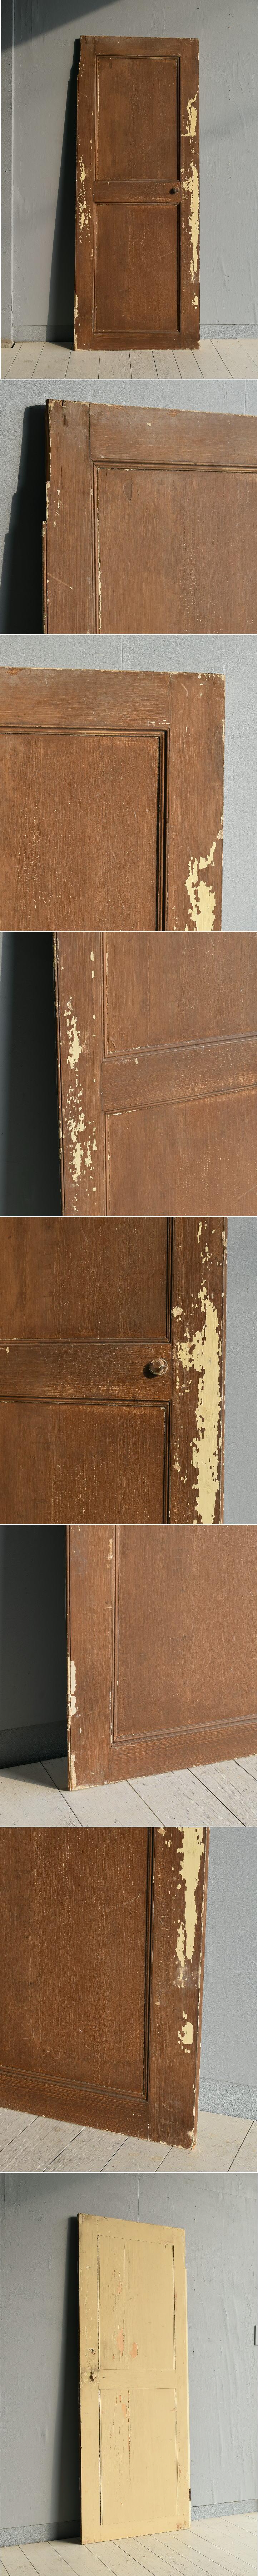 イギリス アンティーク ドア 扉 建具 ディスプレイ用 7770